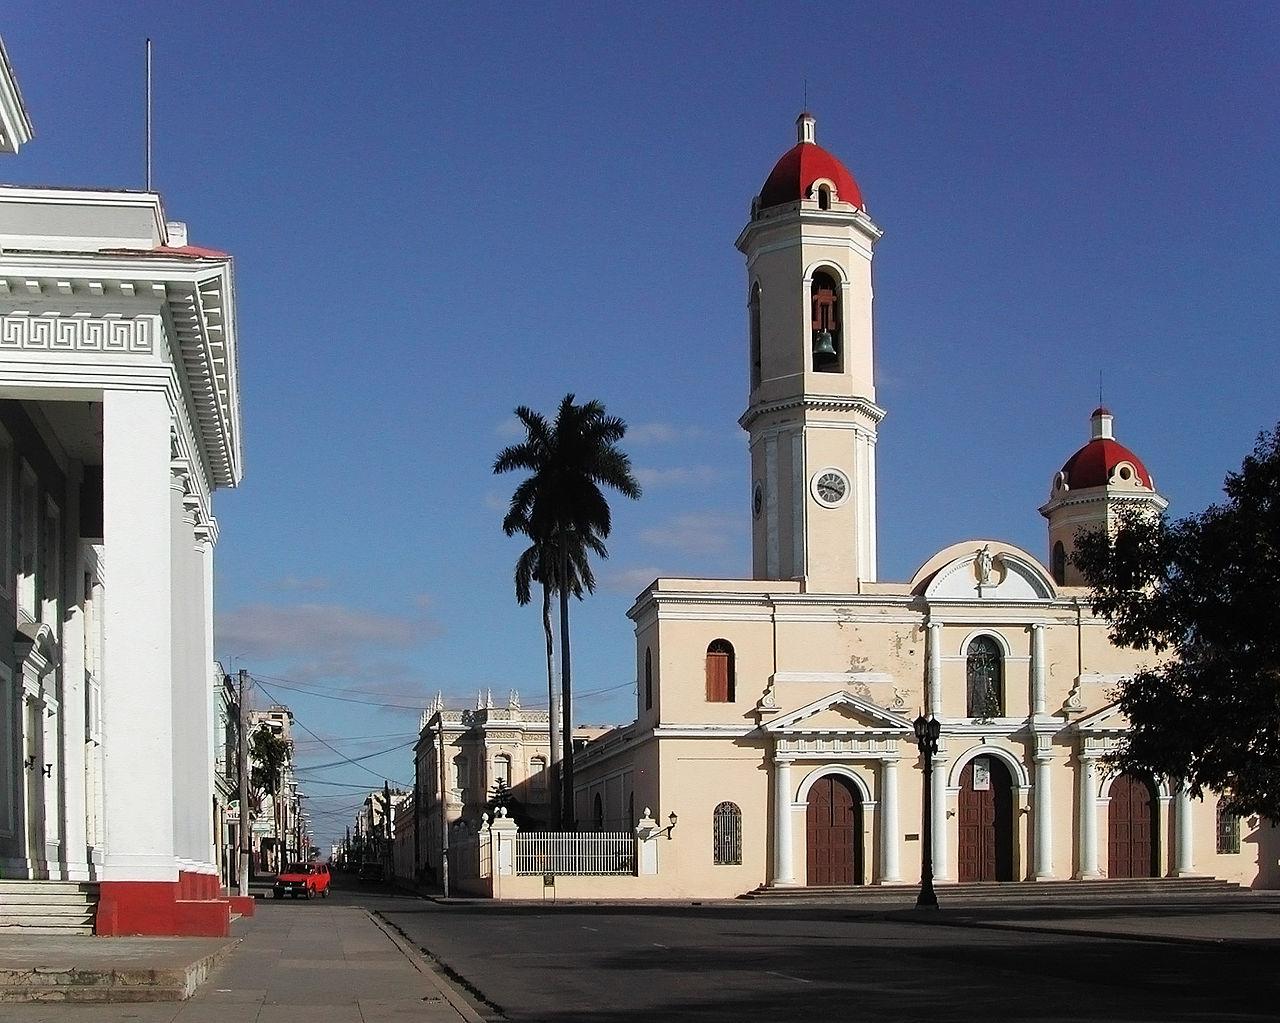 Catedral de Nuestra Señora de la Purísima Concepción